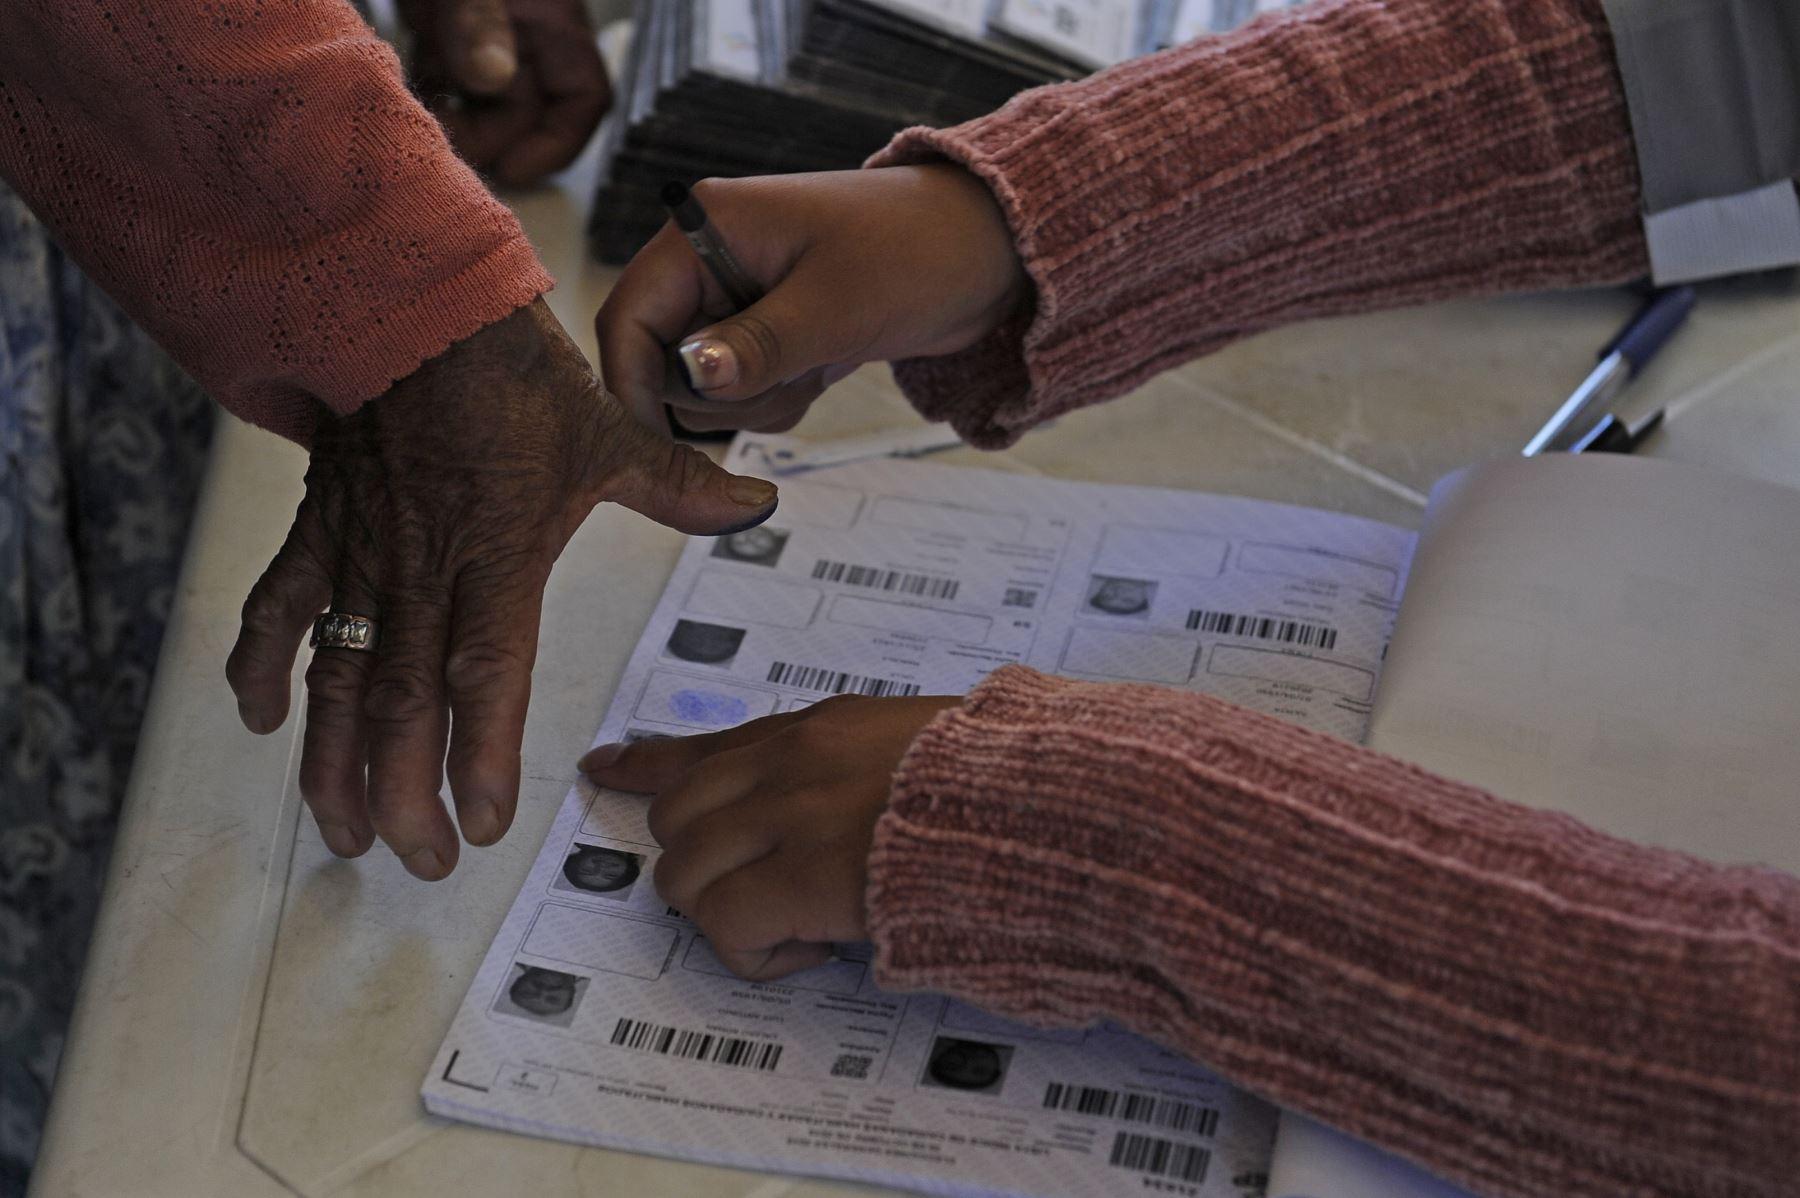 Bolivianos emiten su voto para elecciones presidenciales en su país. Foto: AFP